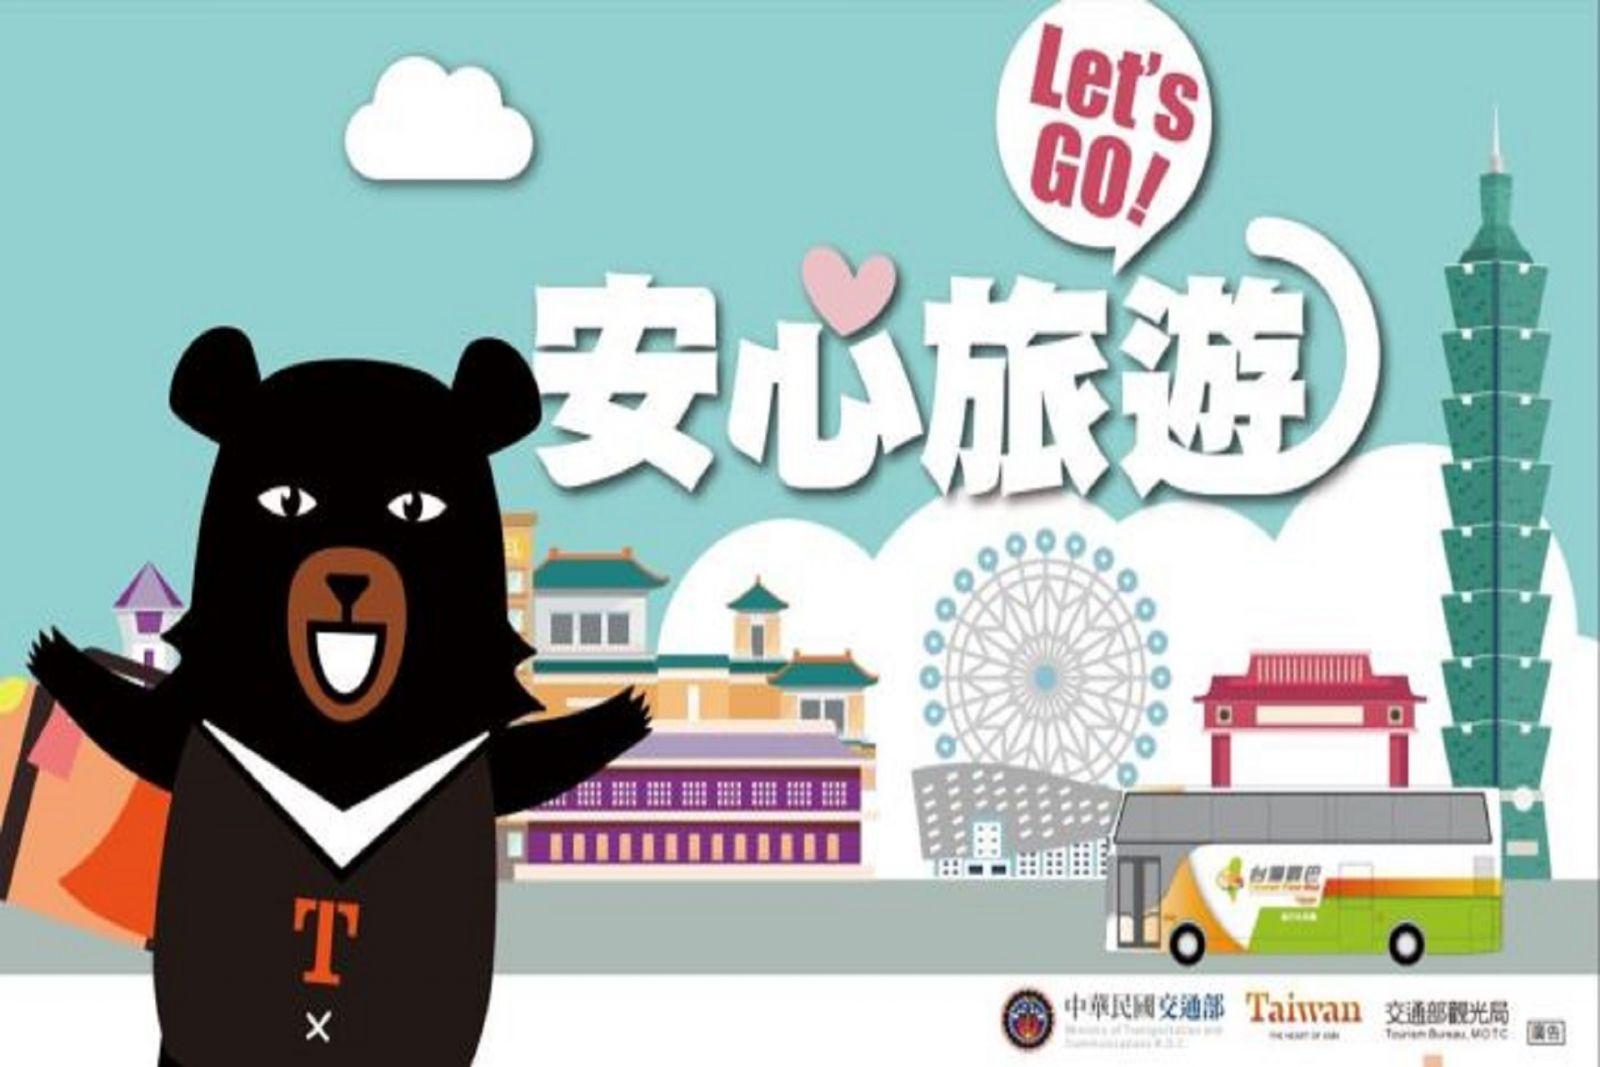 交通部觀光局【安心旅遊自由行旅客住宿優惠活動】